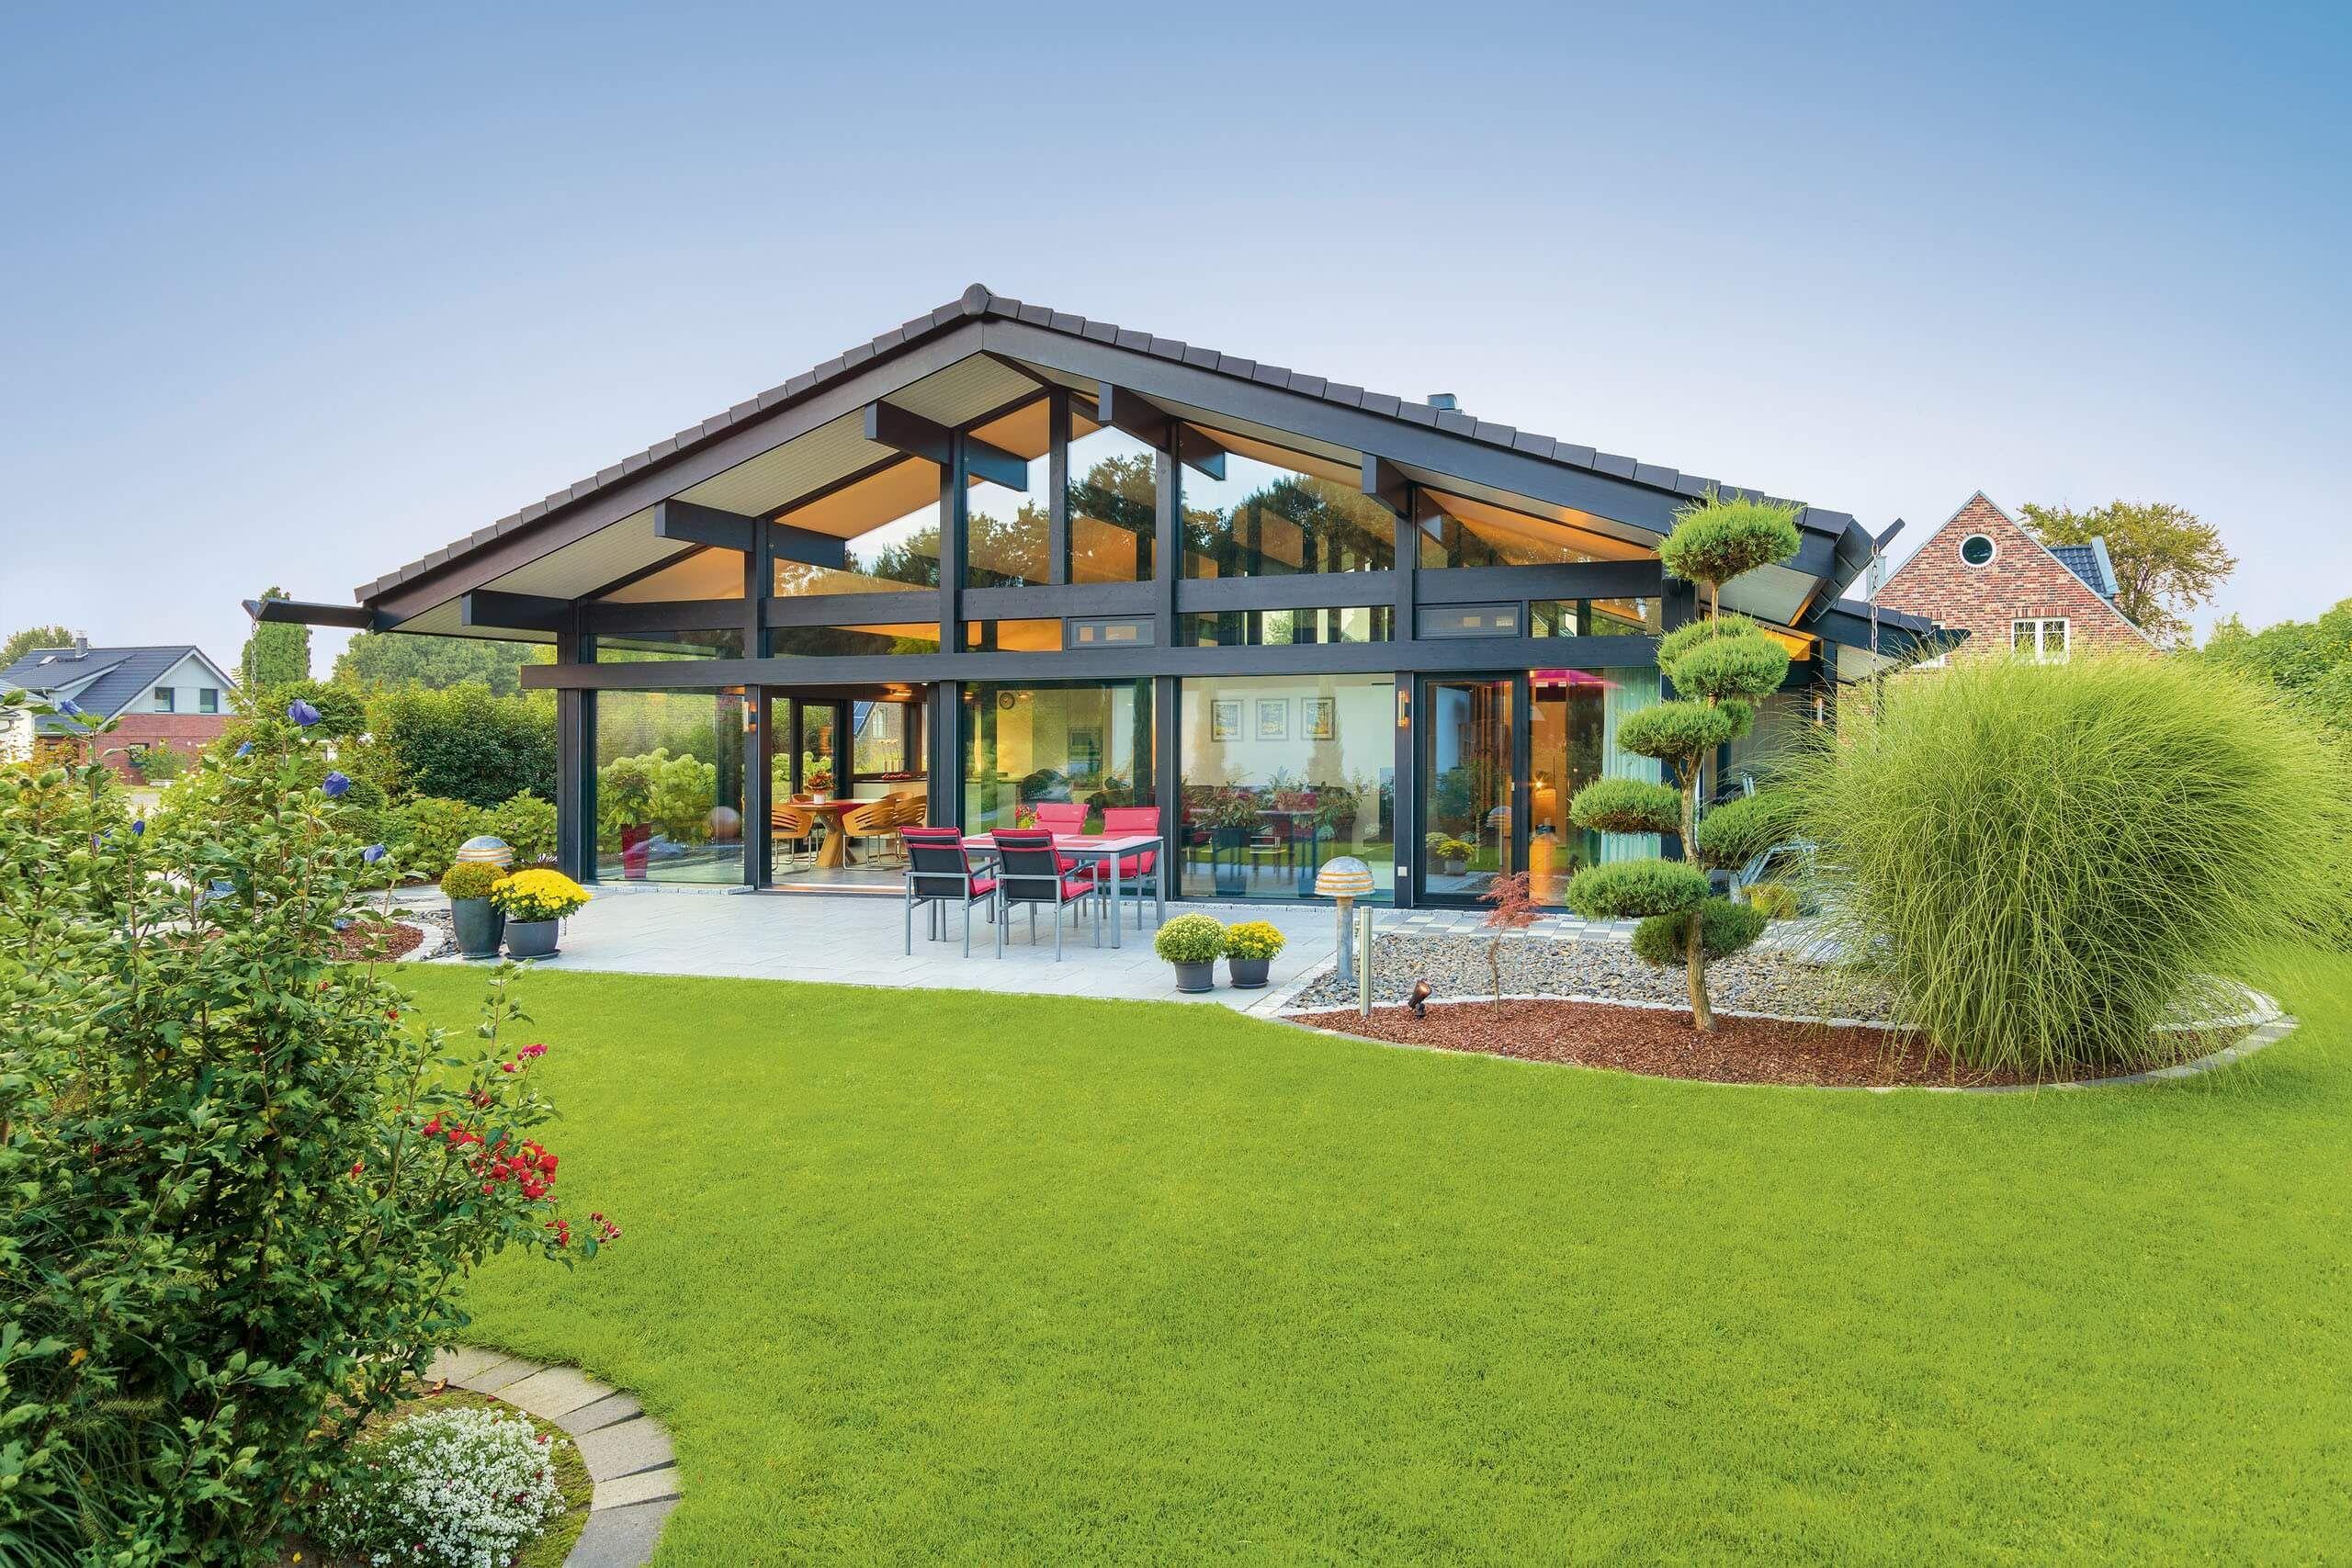 Идеальный фахверковый дом такой, пропорции, фахверковый, несколько, компании, конечно, понравится, стройку, контролировать, сможете, проще, начали, будет, смету, выбор, любой, заказать, разметку, Началось, проектные